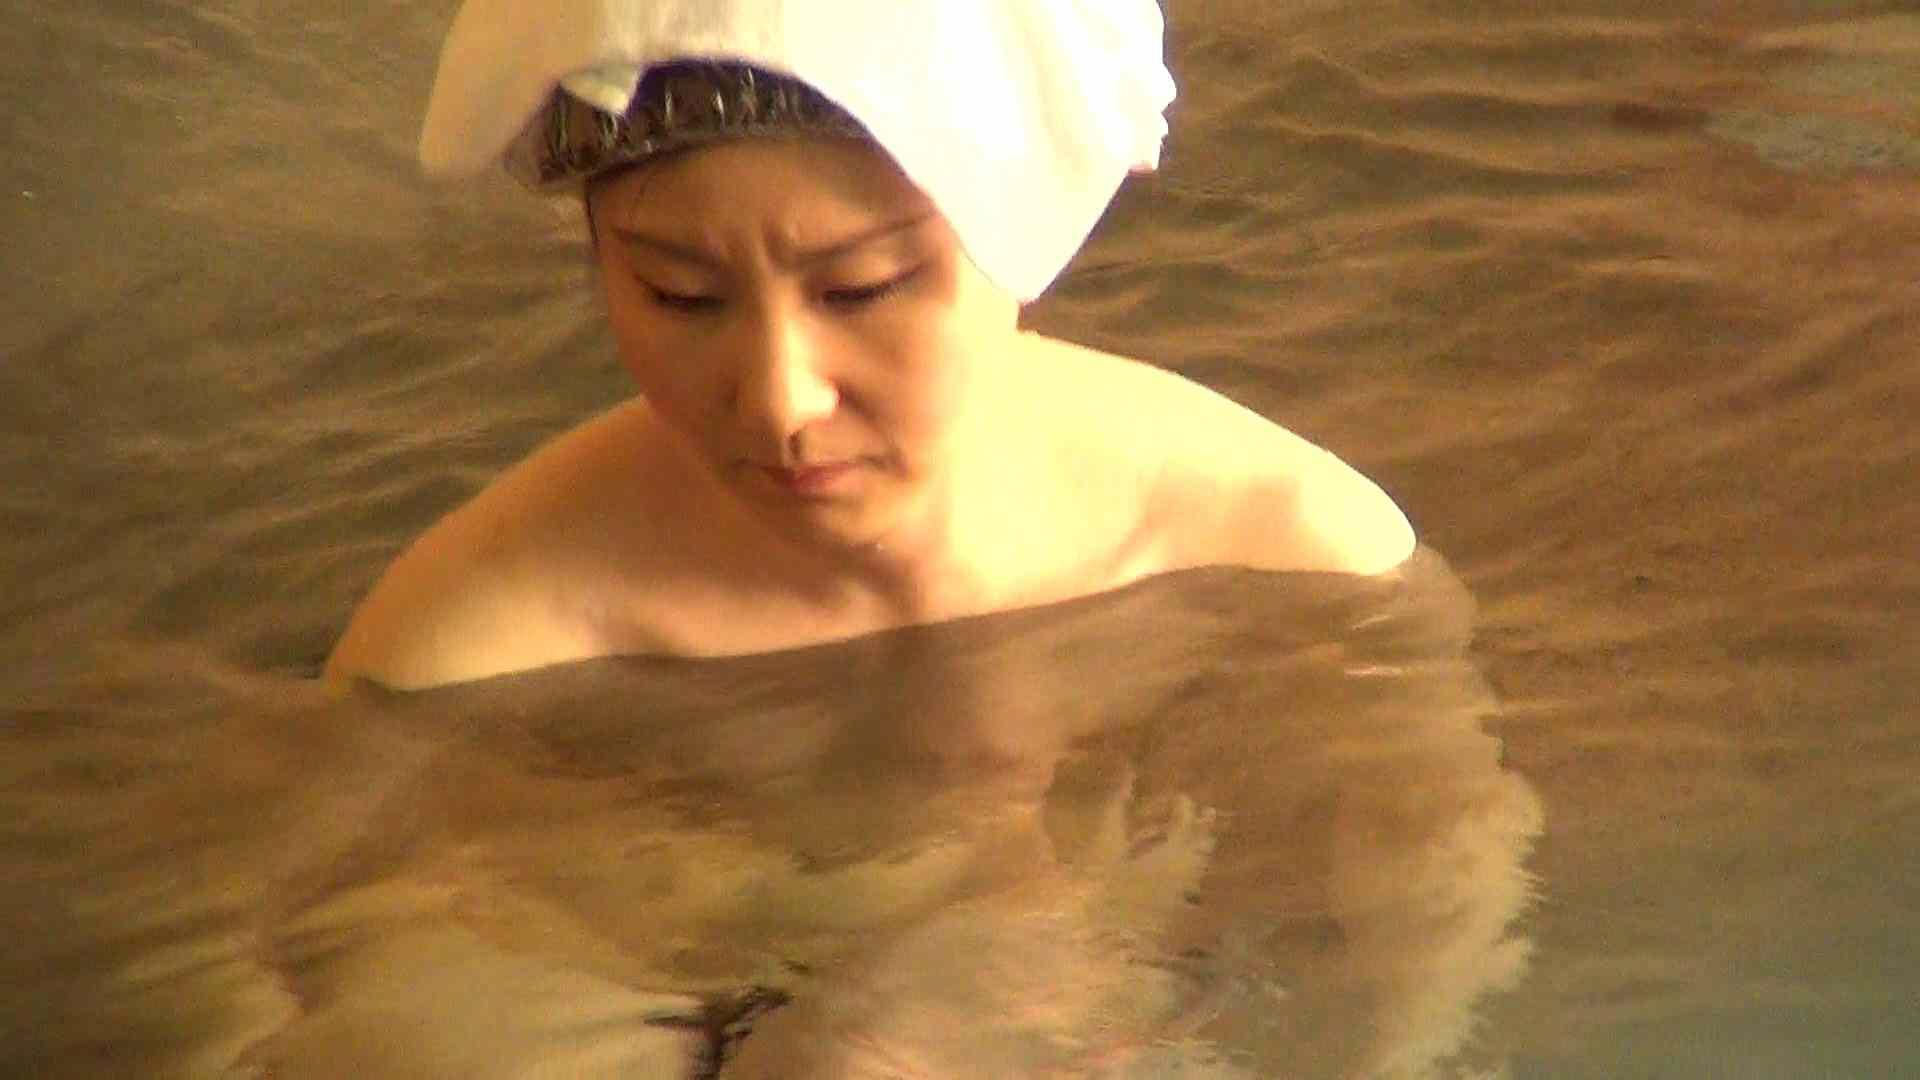 Aquaな露天風呂Vol.278 盗撮  100画像 45